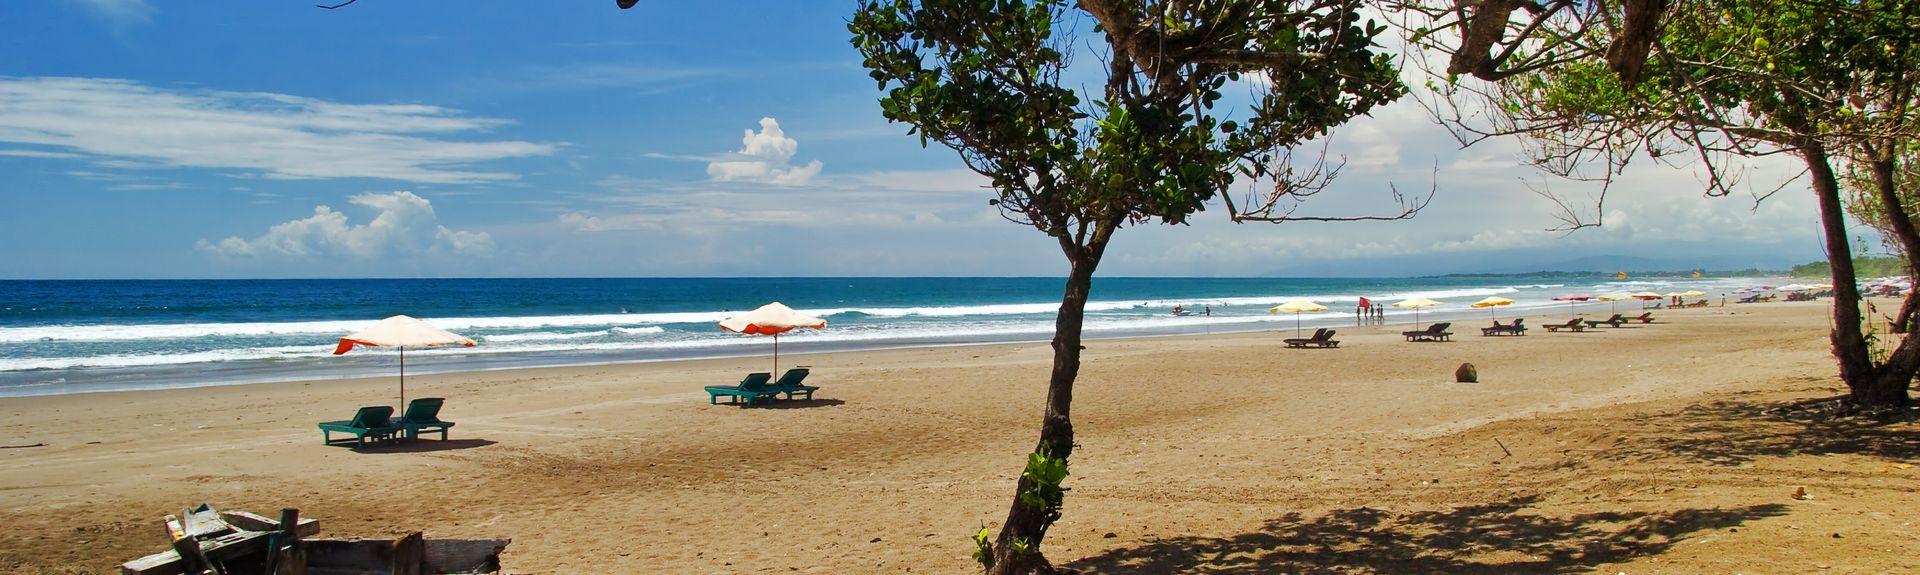 Legian Beach, Legian, Bali, Indonesia